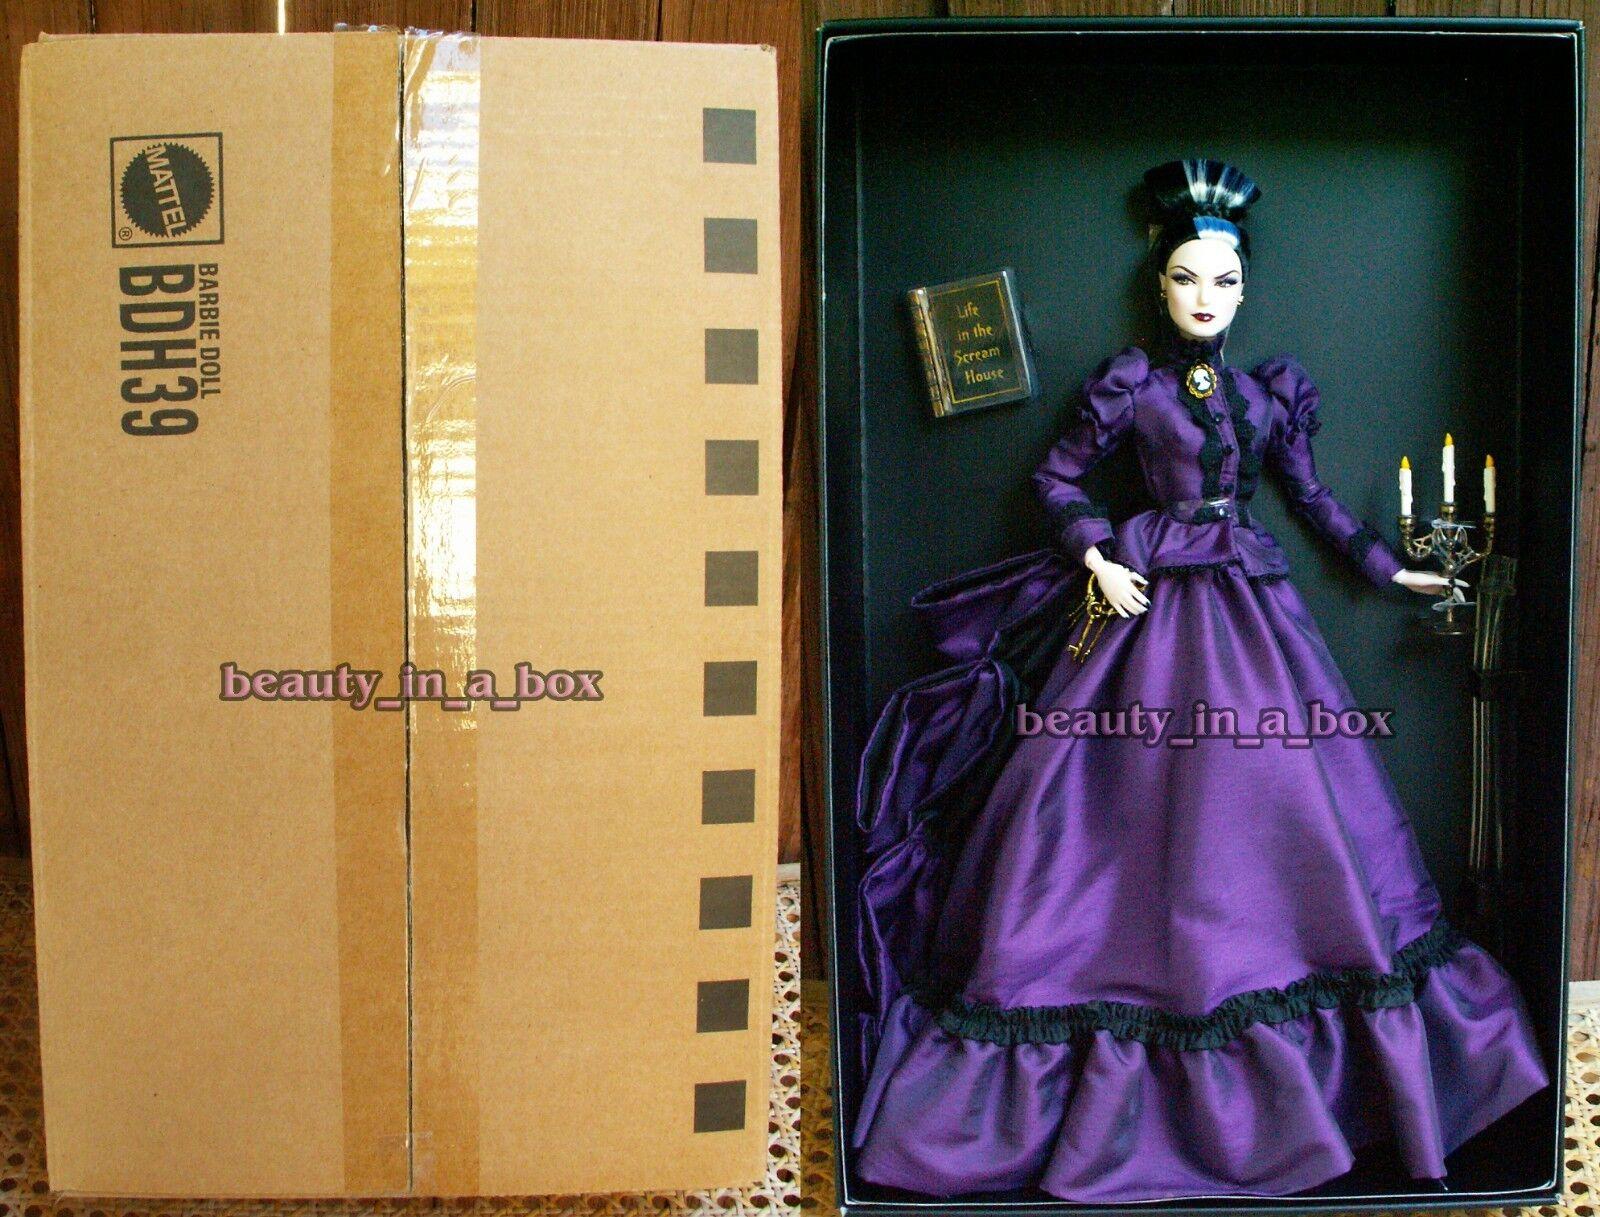 Muñeca Barbie Maestra De La mansión embrujada Belleza Colección embarcador oro Label